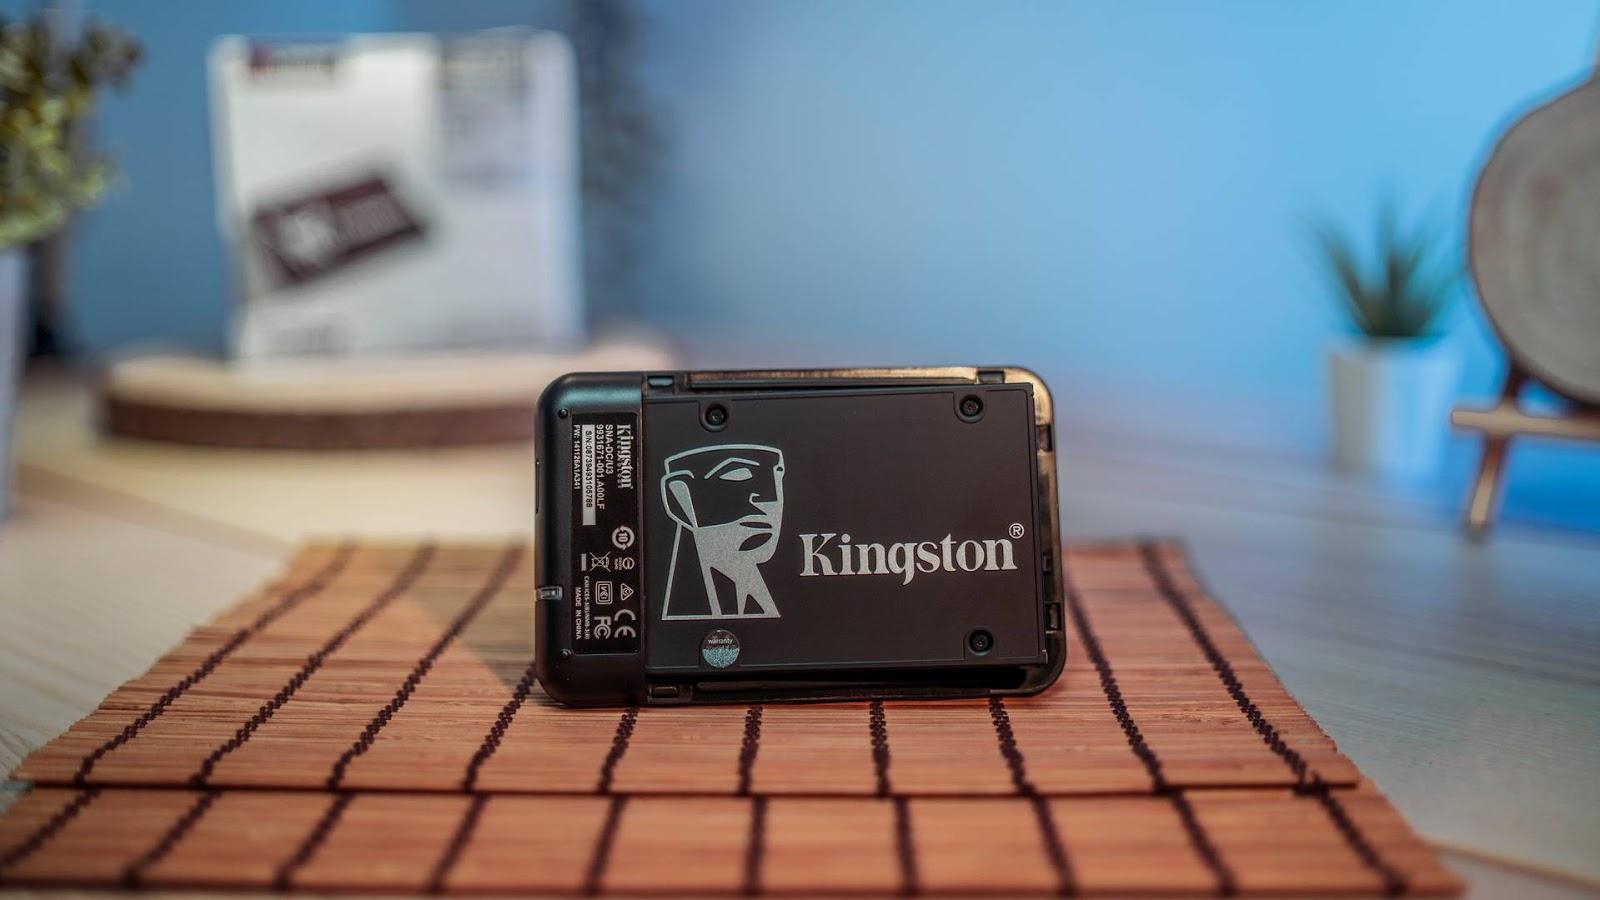 مُراجعة وحدة التخزين Kingston KC600 بحجم 1 تيرابايت